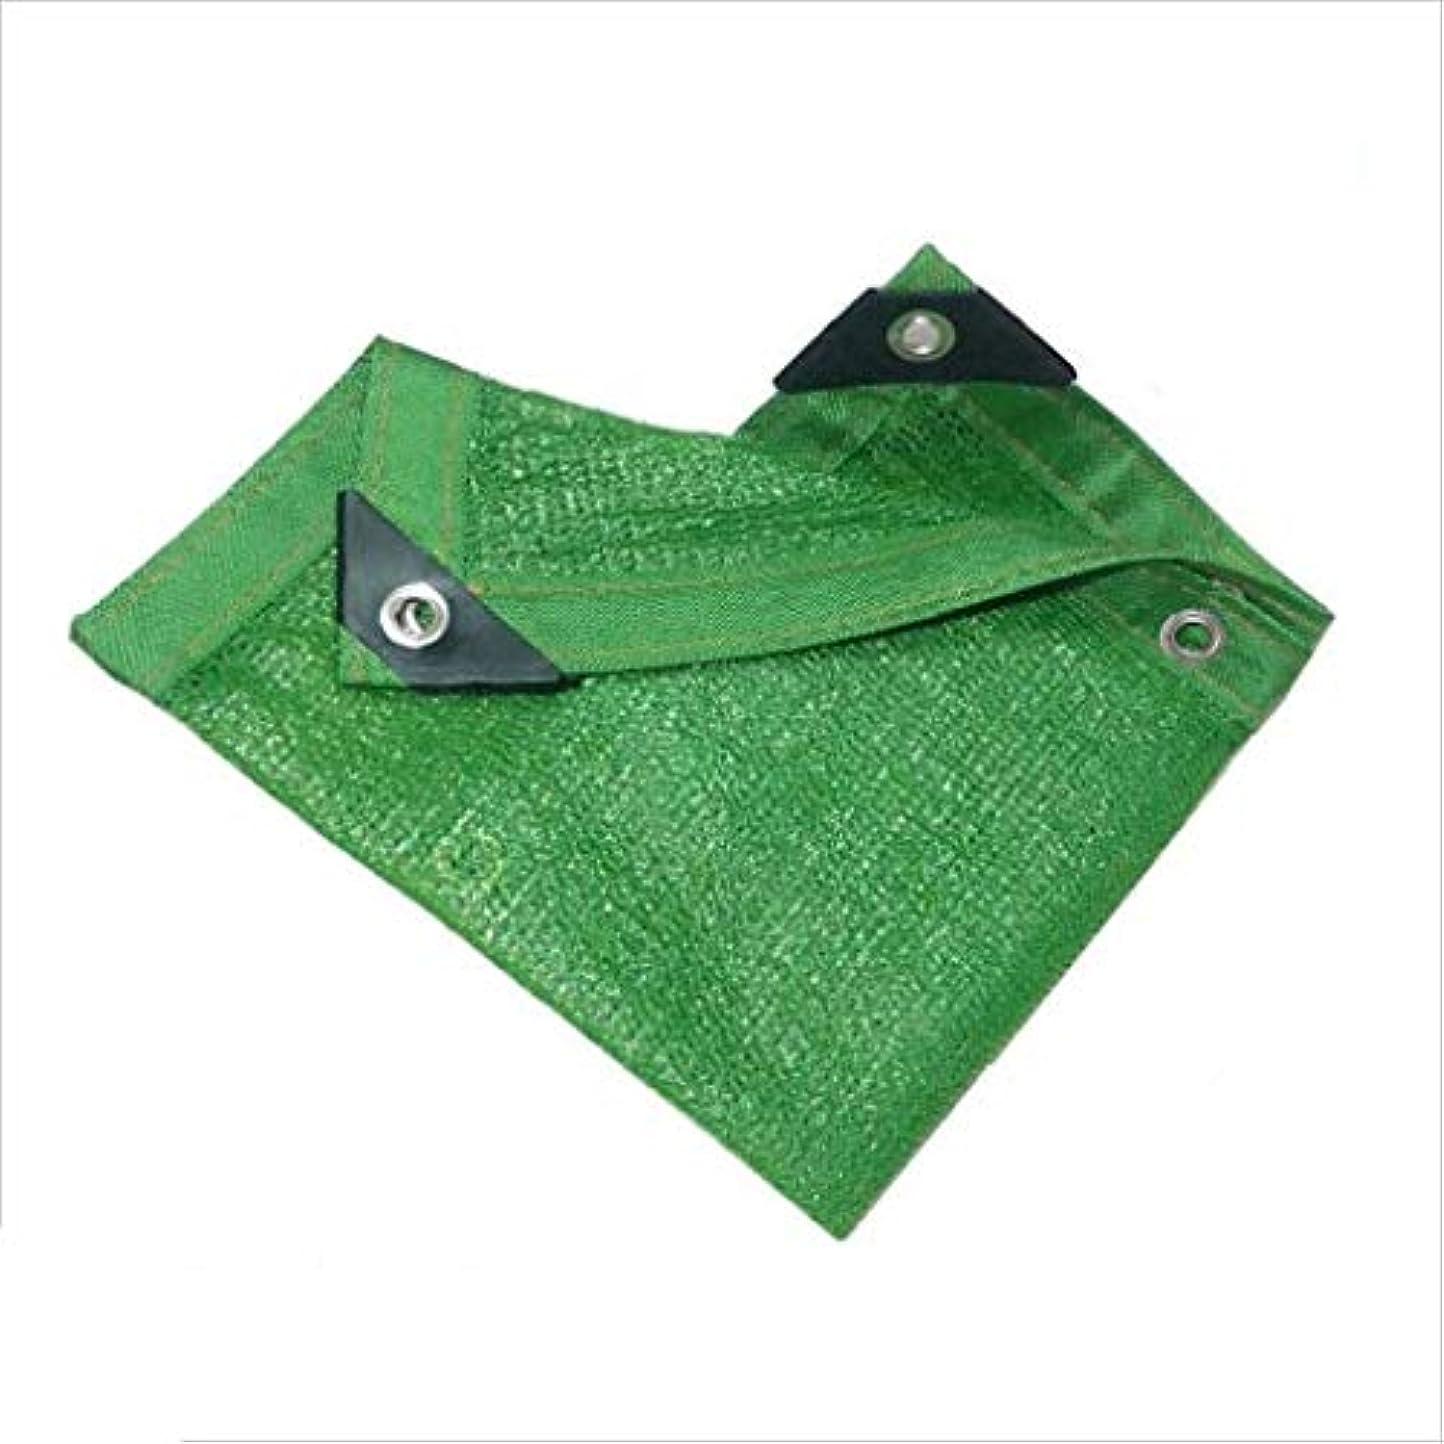 知覚火山学者戦闘日よけネット、日よけの帆、日焼け止めネット、バルコニー、花、植物、庭、芝生、プール、6 Needles Edged、Fleshy Sunshade net、緑 ZHAOFENGMING (Color : Green, Size : 5 x 8M)